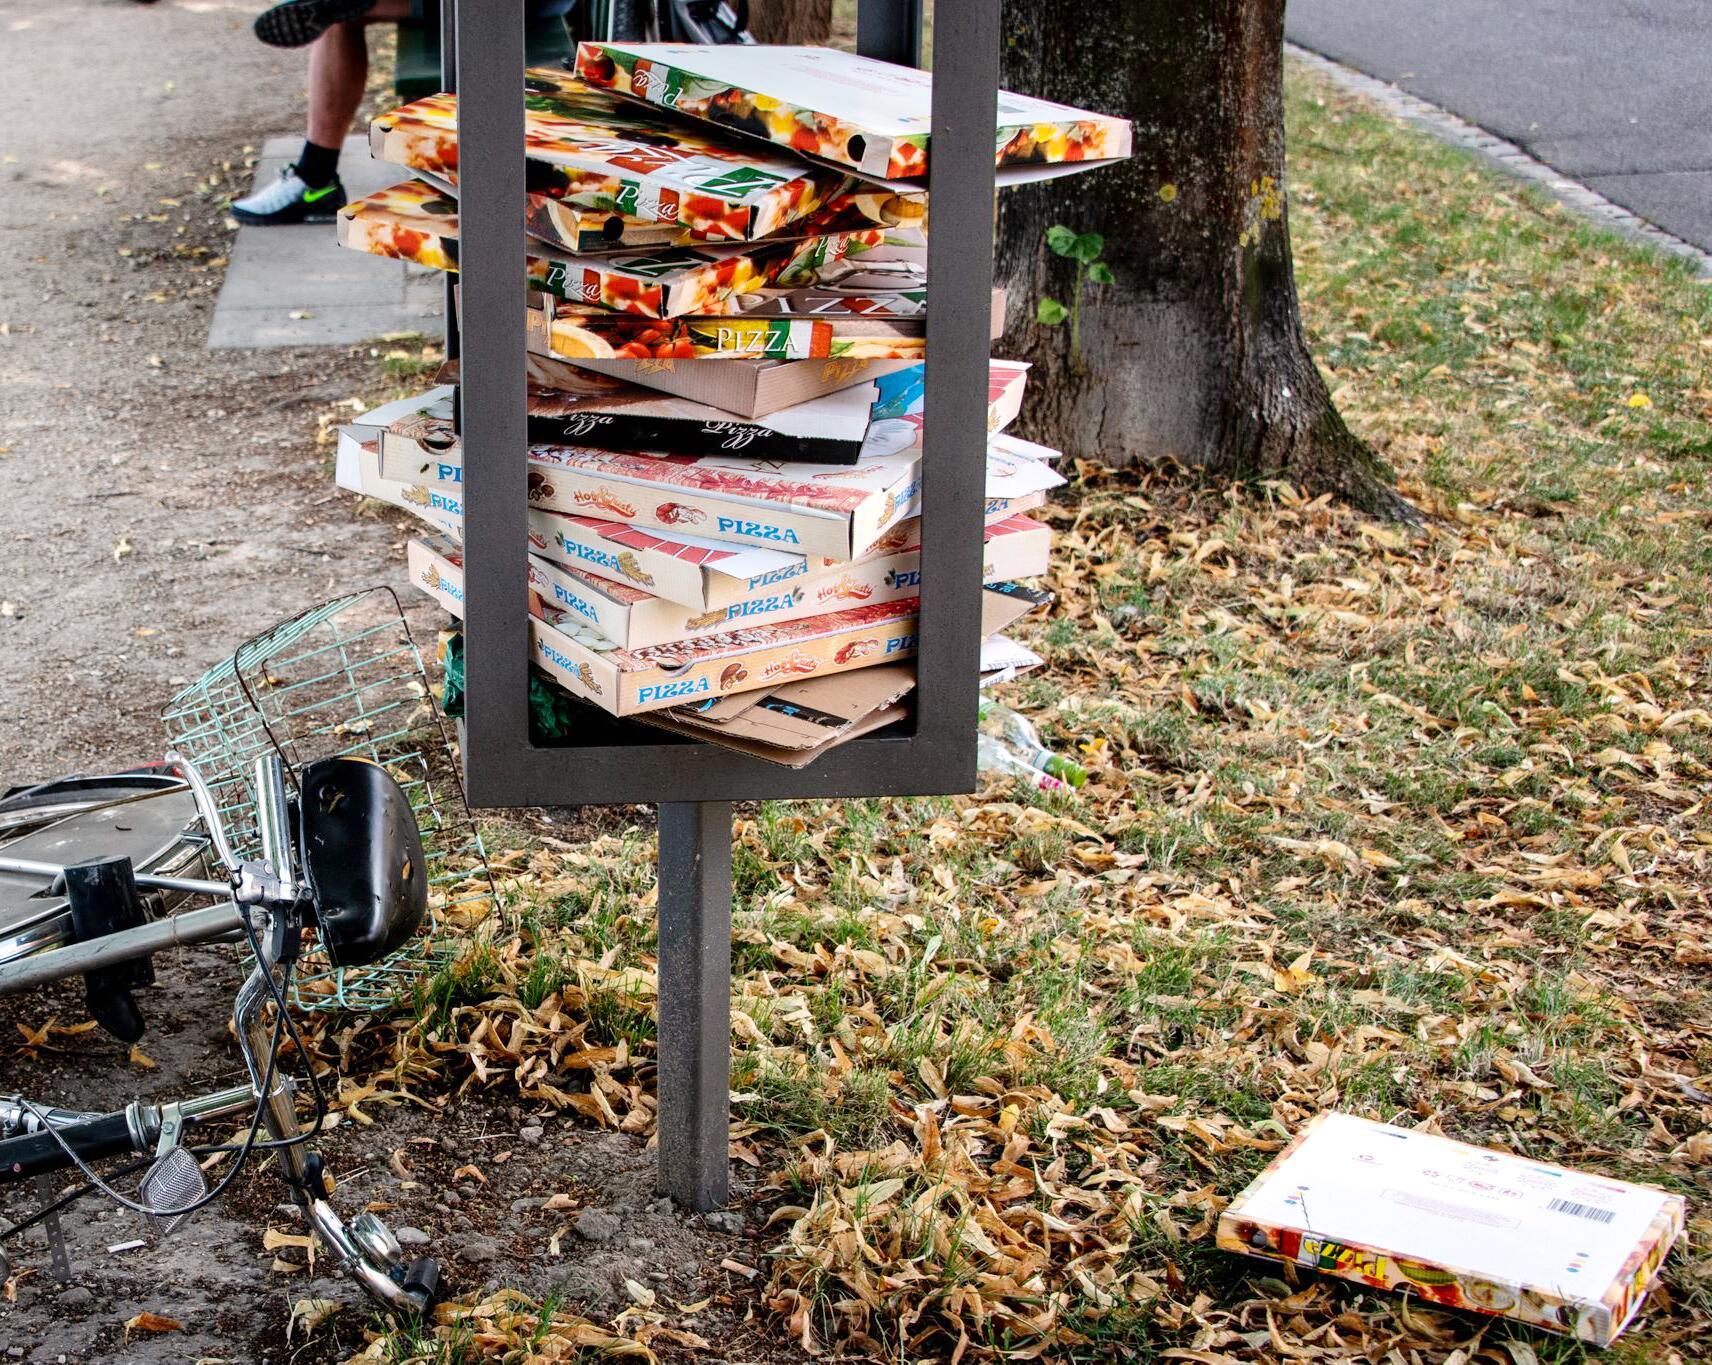 Bild zu Städte ächzen unter Pizzakarton-Flut